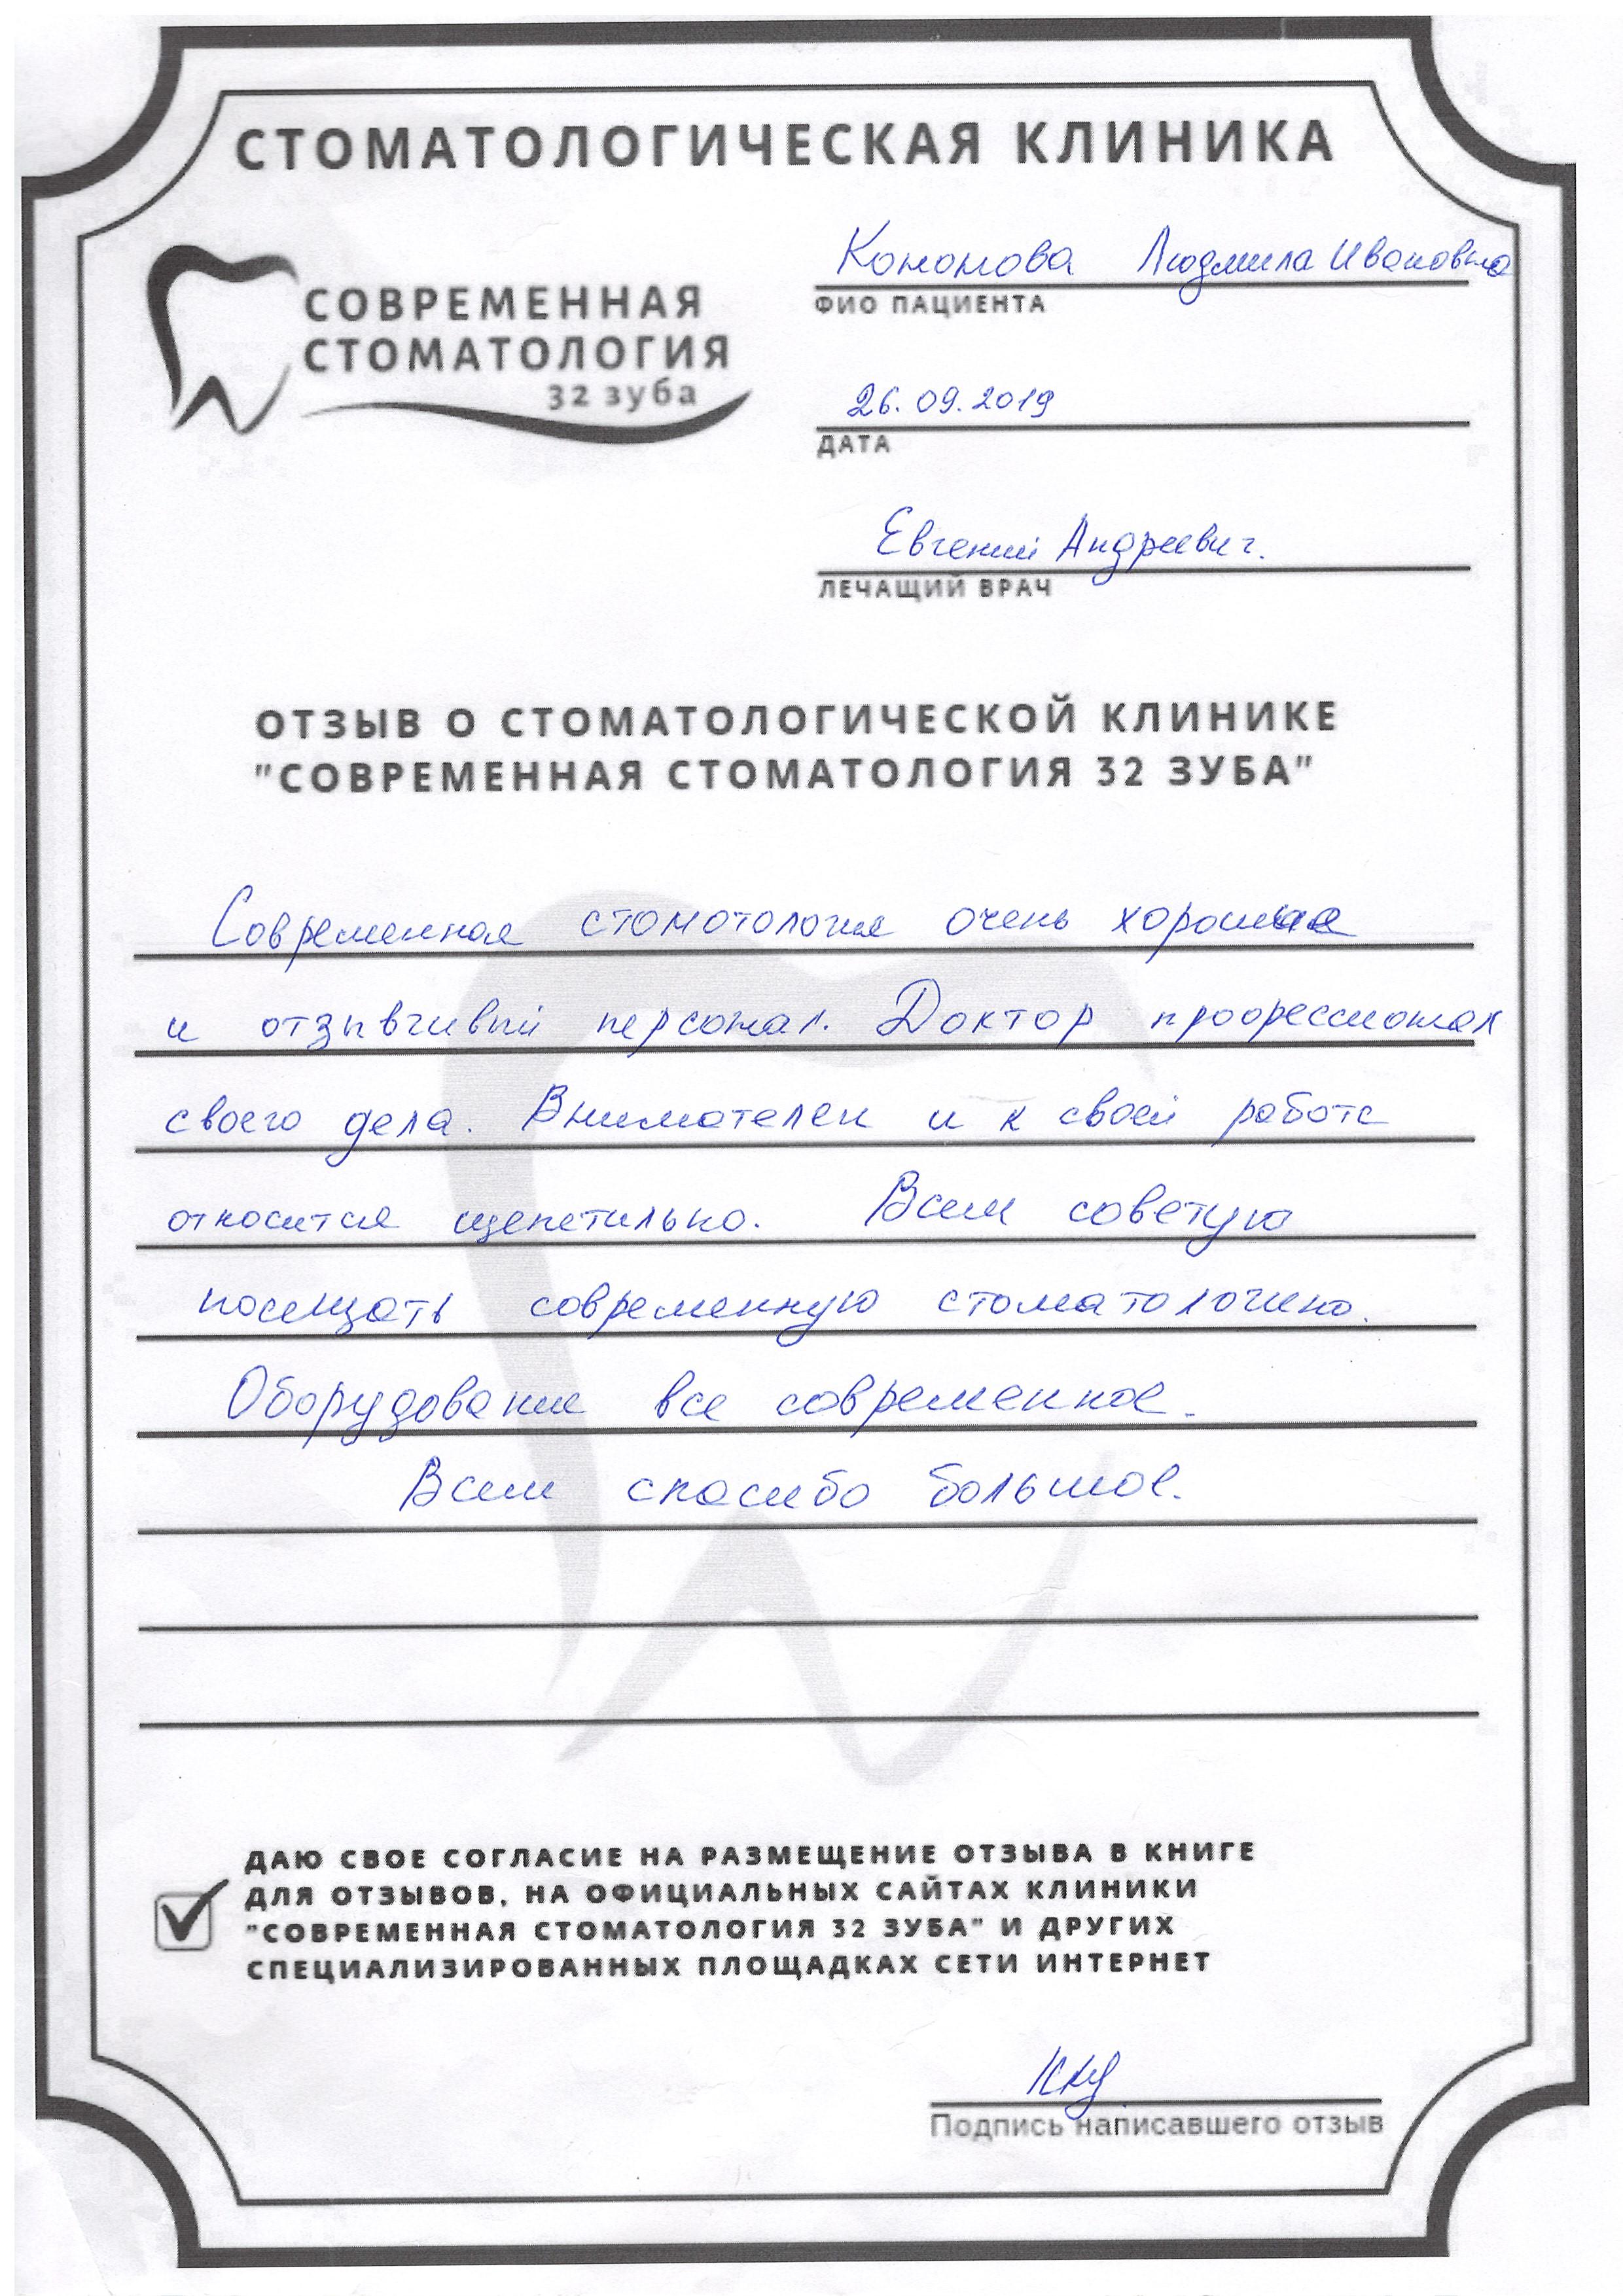 Отзыв от Кононова Людмила Ивановна